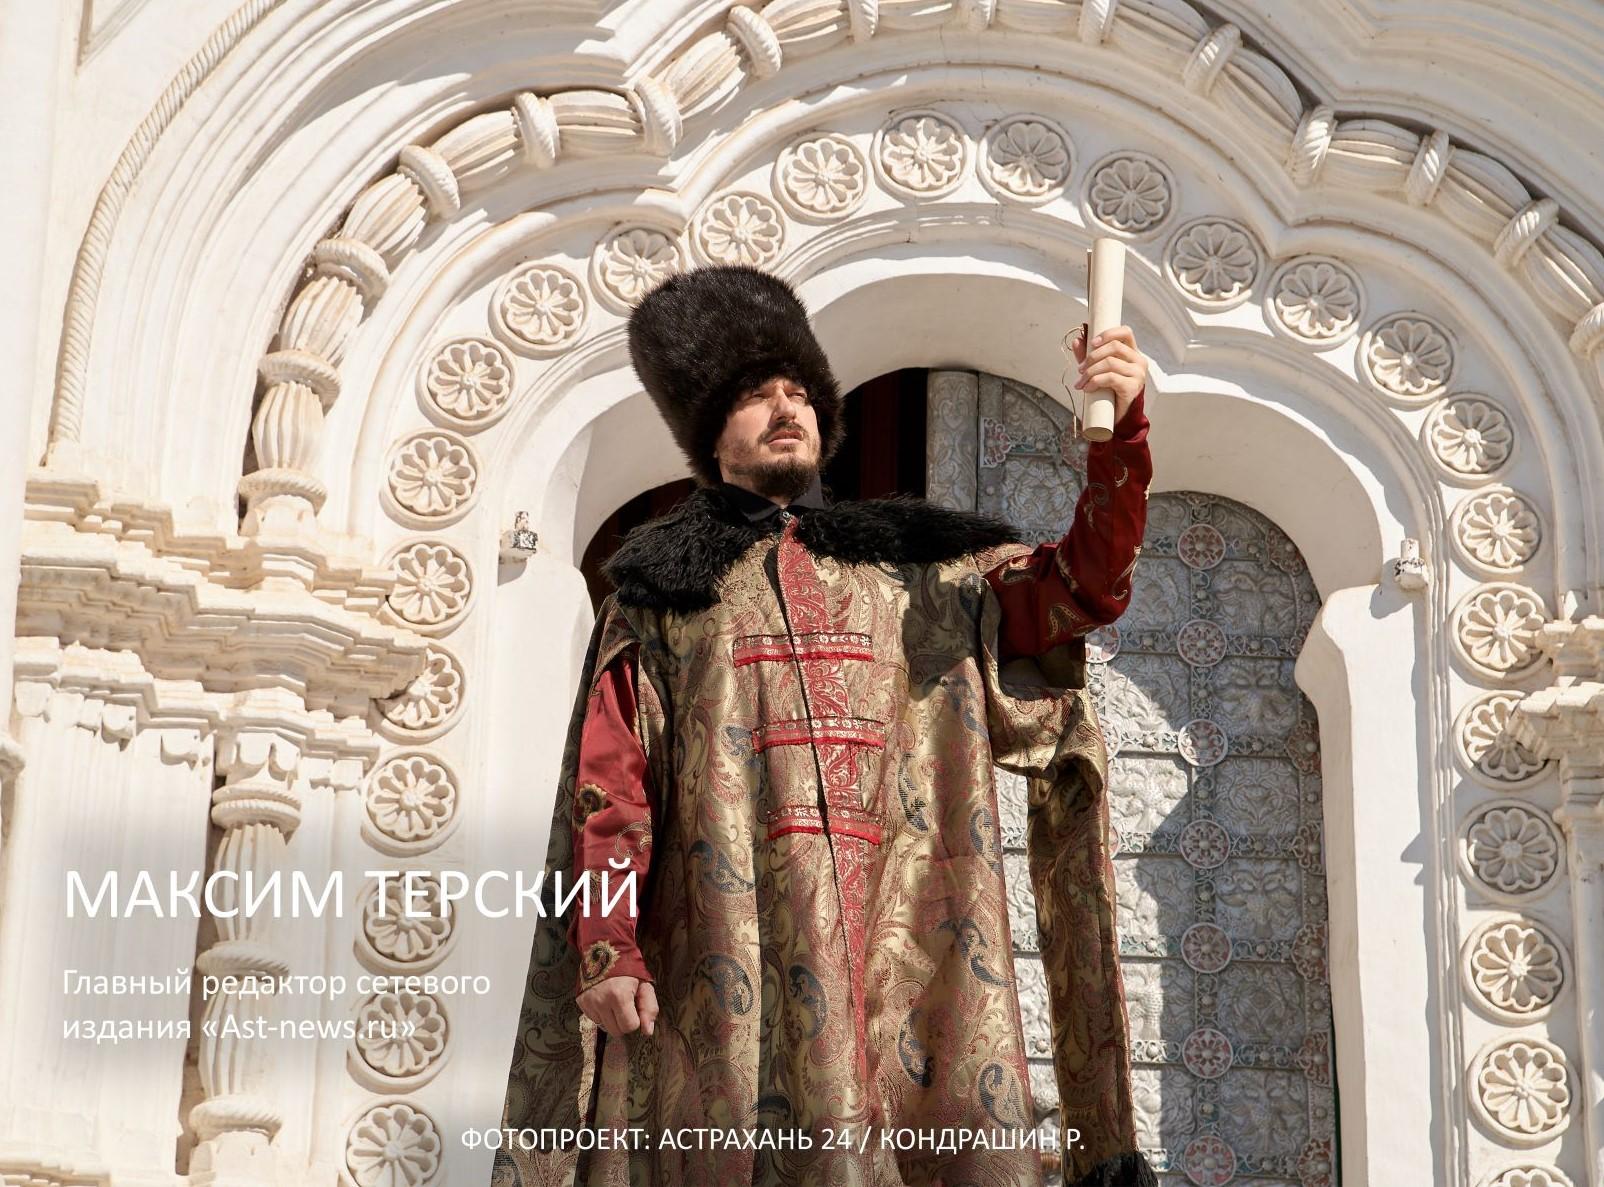 Мы родом из Астрахани. Максим